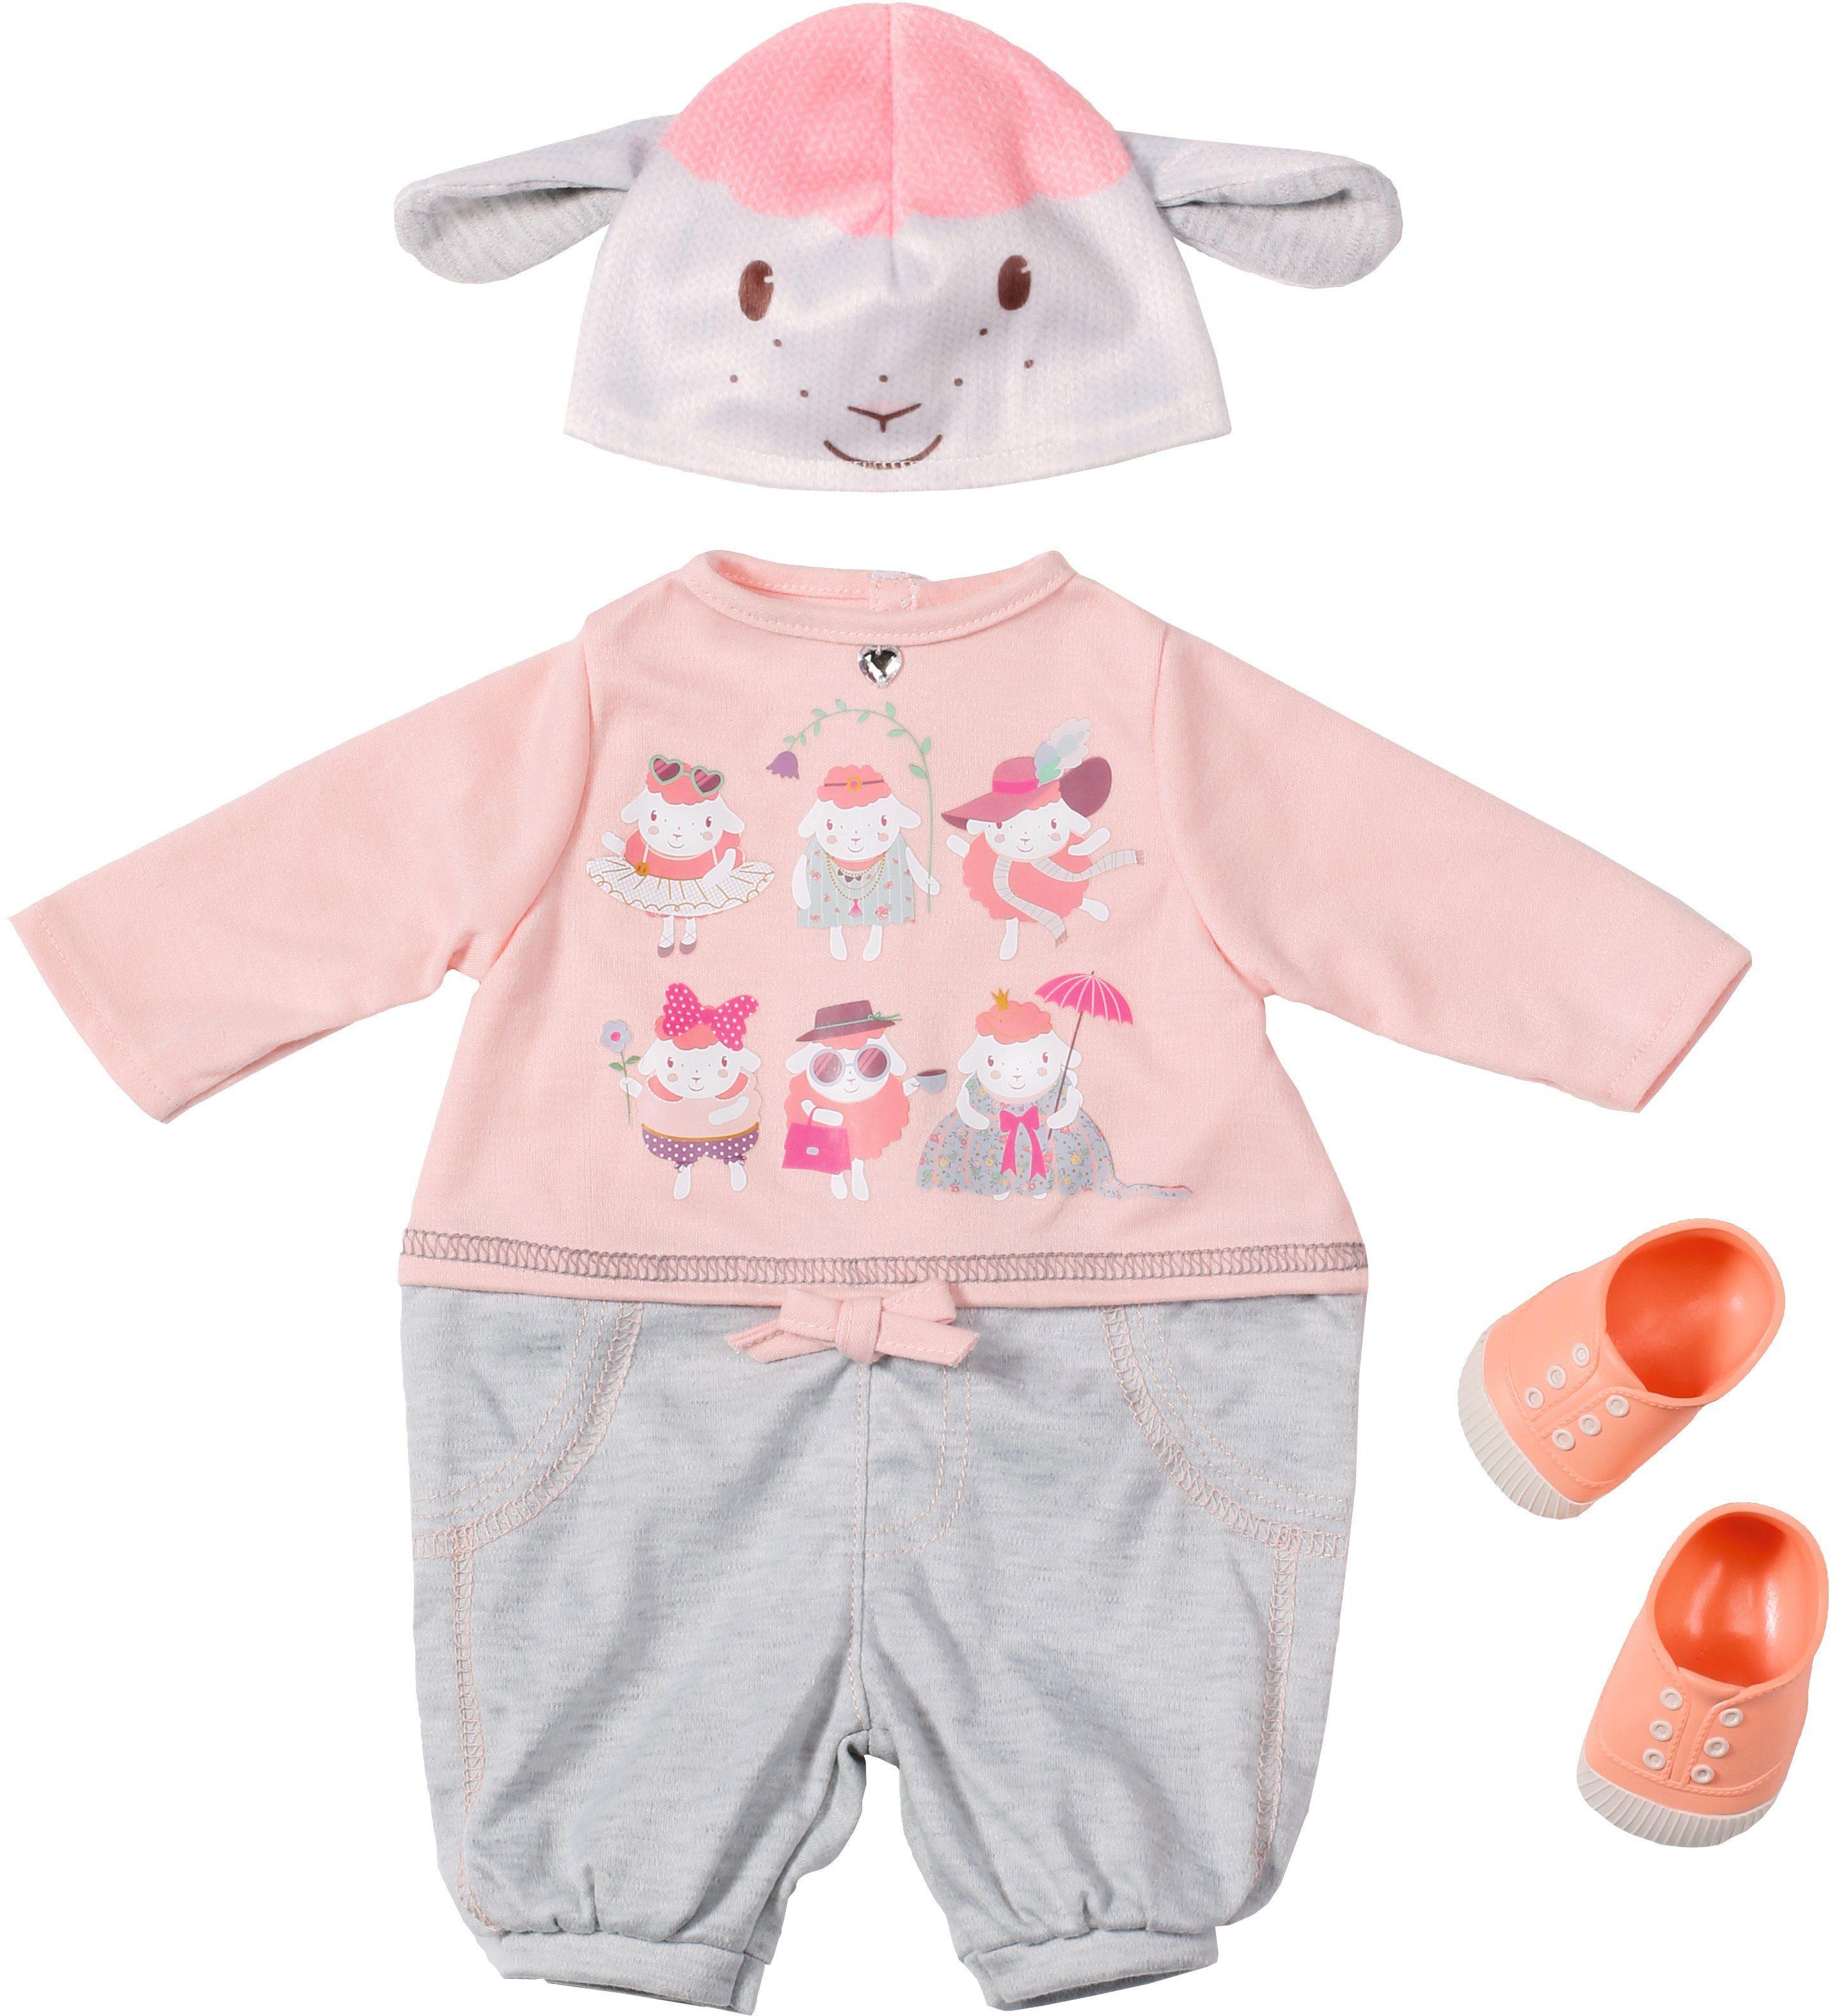 Zapf Creation Puppenkleidung Größe 46 cm, »Baby Annabell® Deluxe Set Lässig & Chic«